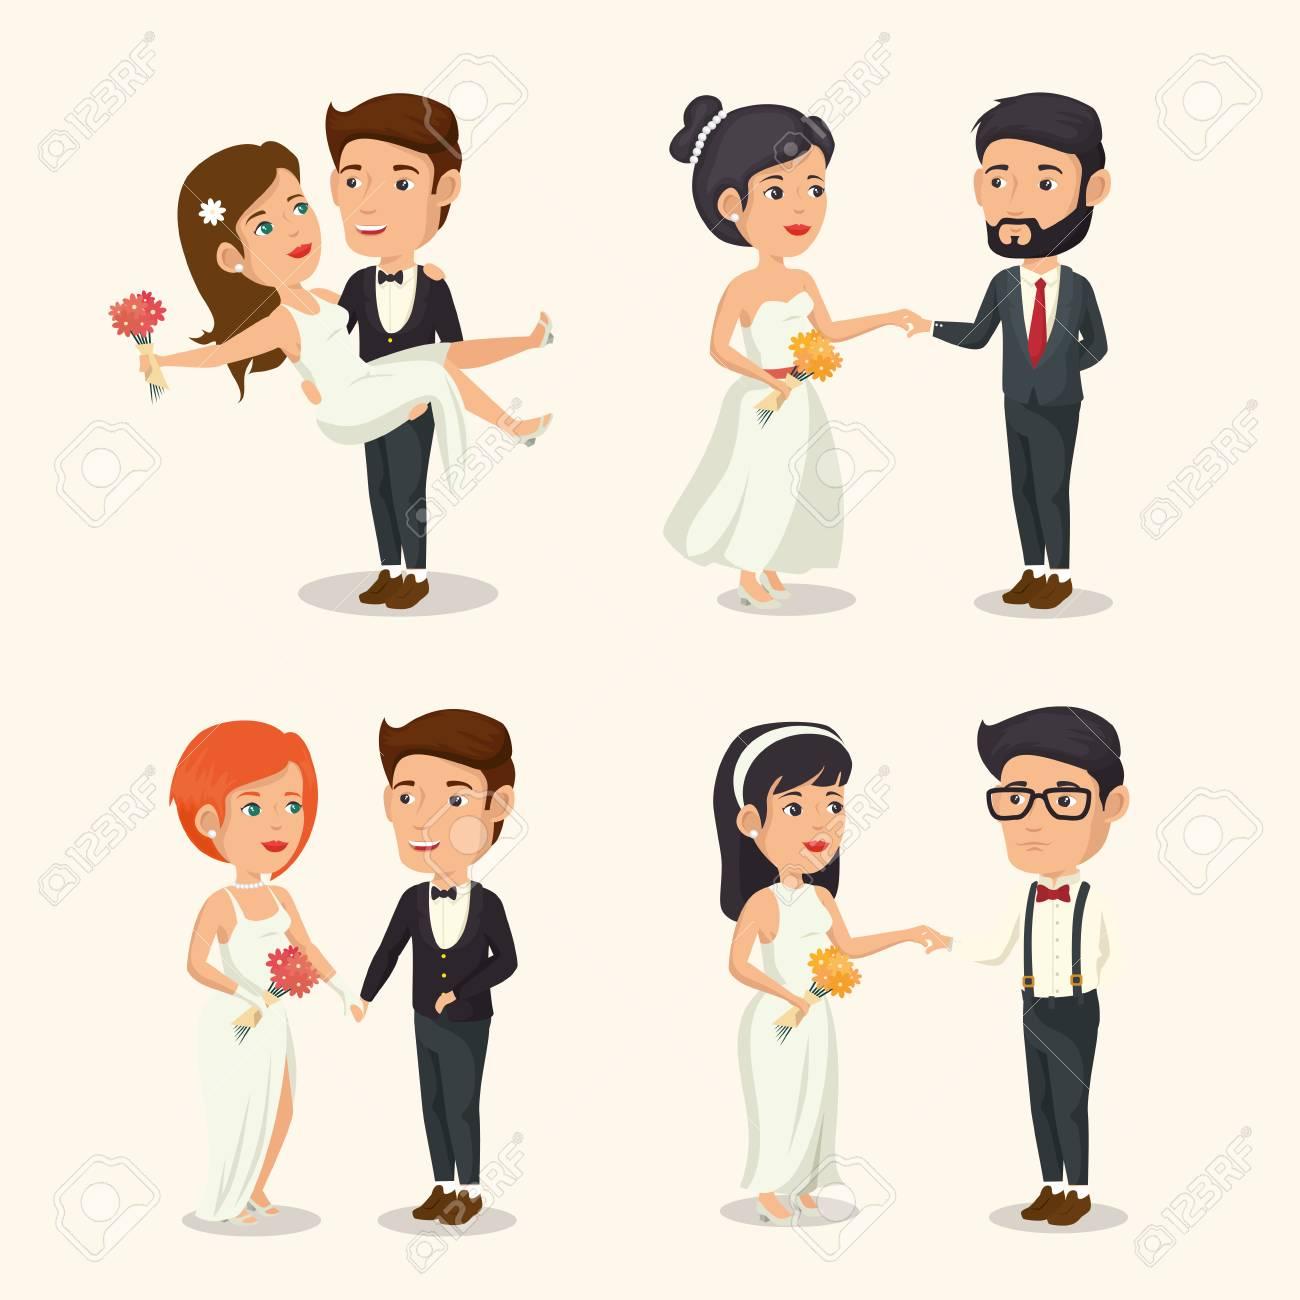 conjunto de diseños novias y novios sobre fondo blanco ilustración